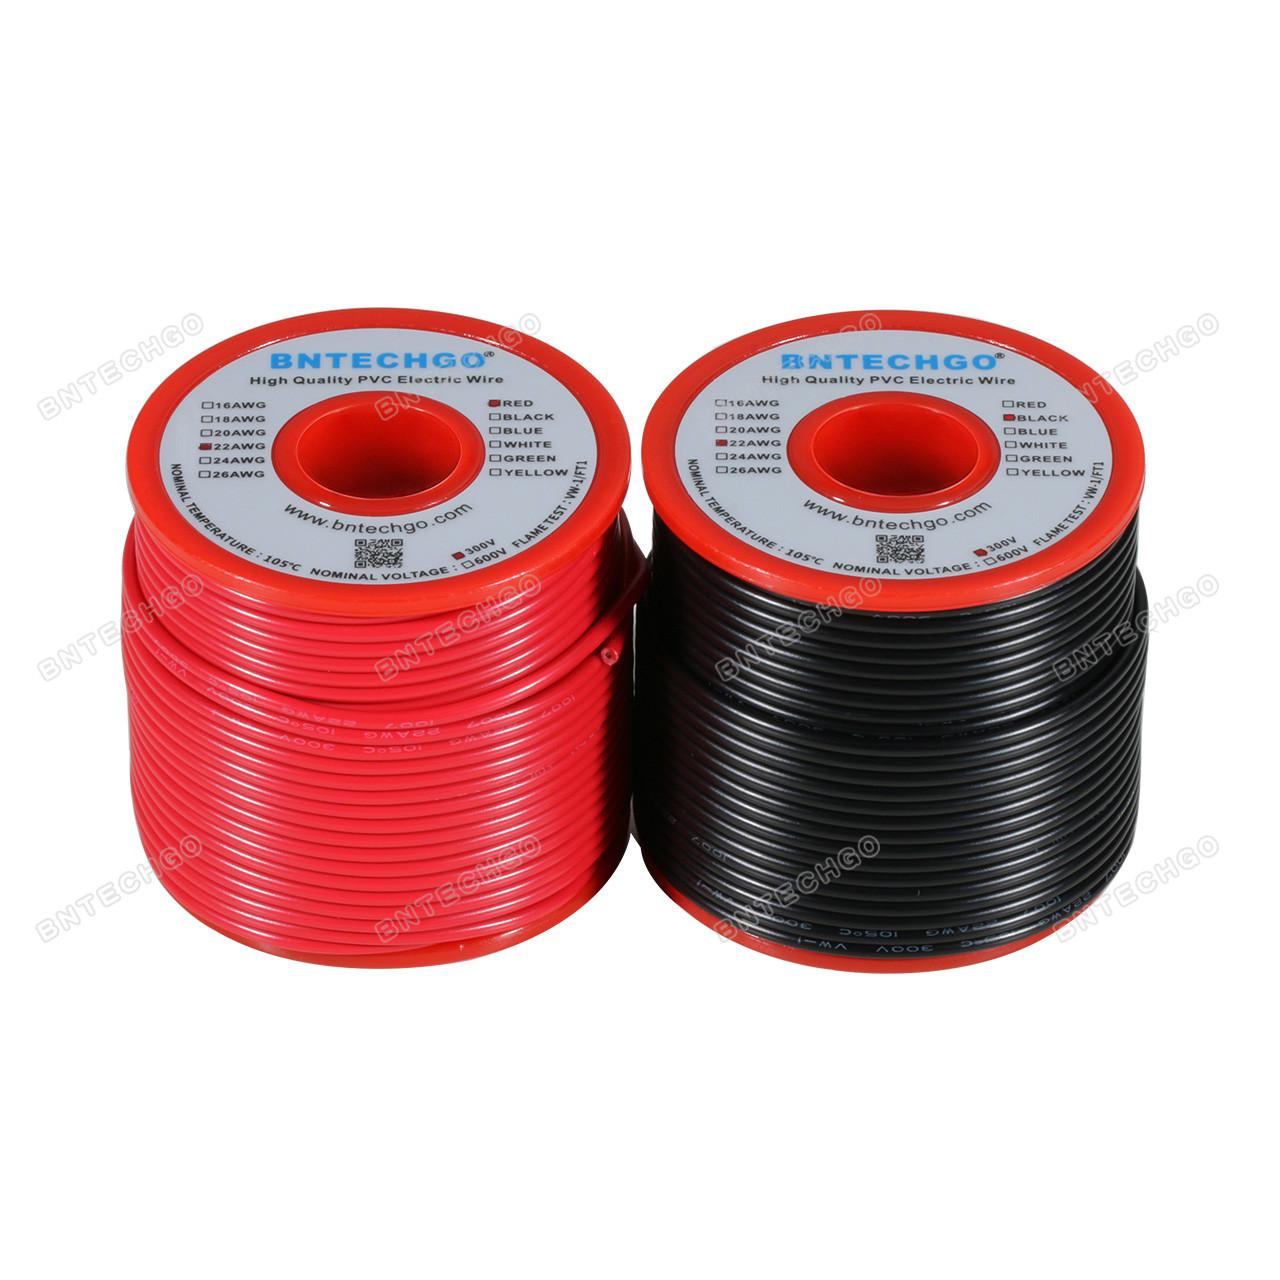 Bntechgo 22/AWG 1007/Fil /électrique Calibre 22/Fil 1007/en PVC solide Branchez Fil 300/V solide /étam/é Fil de cuivre Rouge 30,5/m par bobine pour DIY